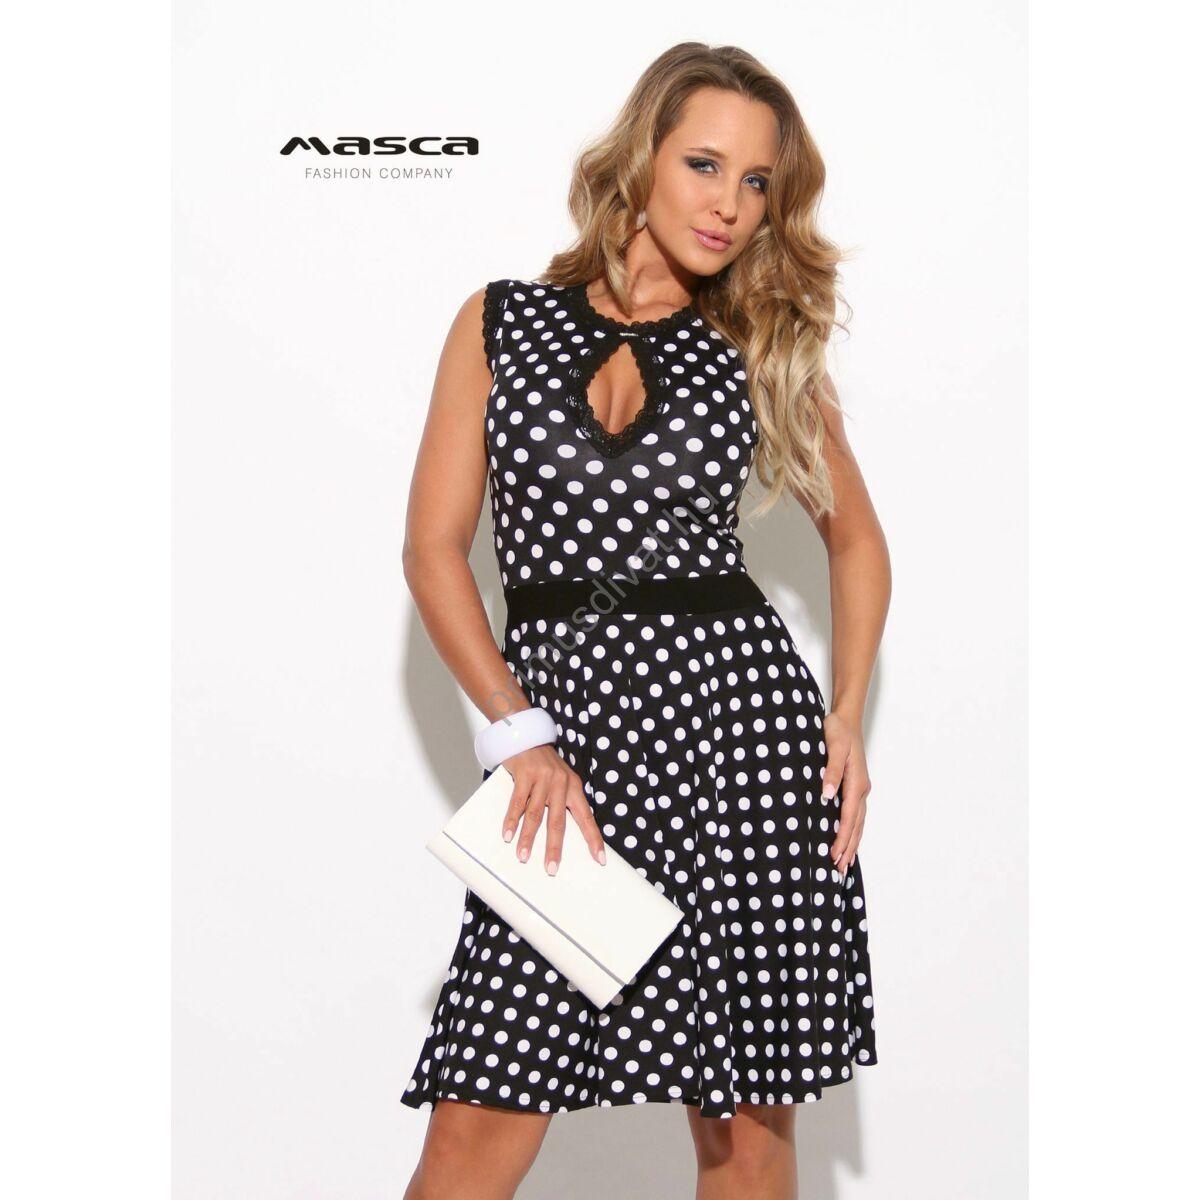 d5dbcf4754 Kép 1/1 - Masca Fashion csipkeszegélyes csepp-kivágott dekoltázsú, fekete-fehér  pöttyös loknis alkalmi miniruha